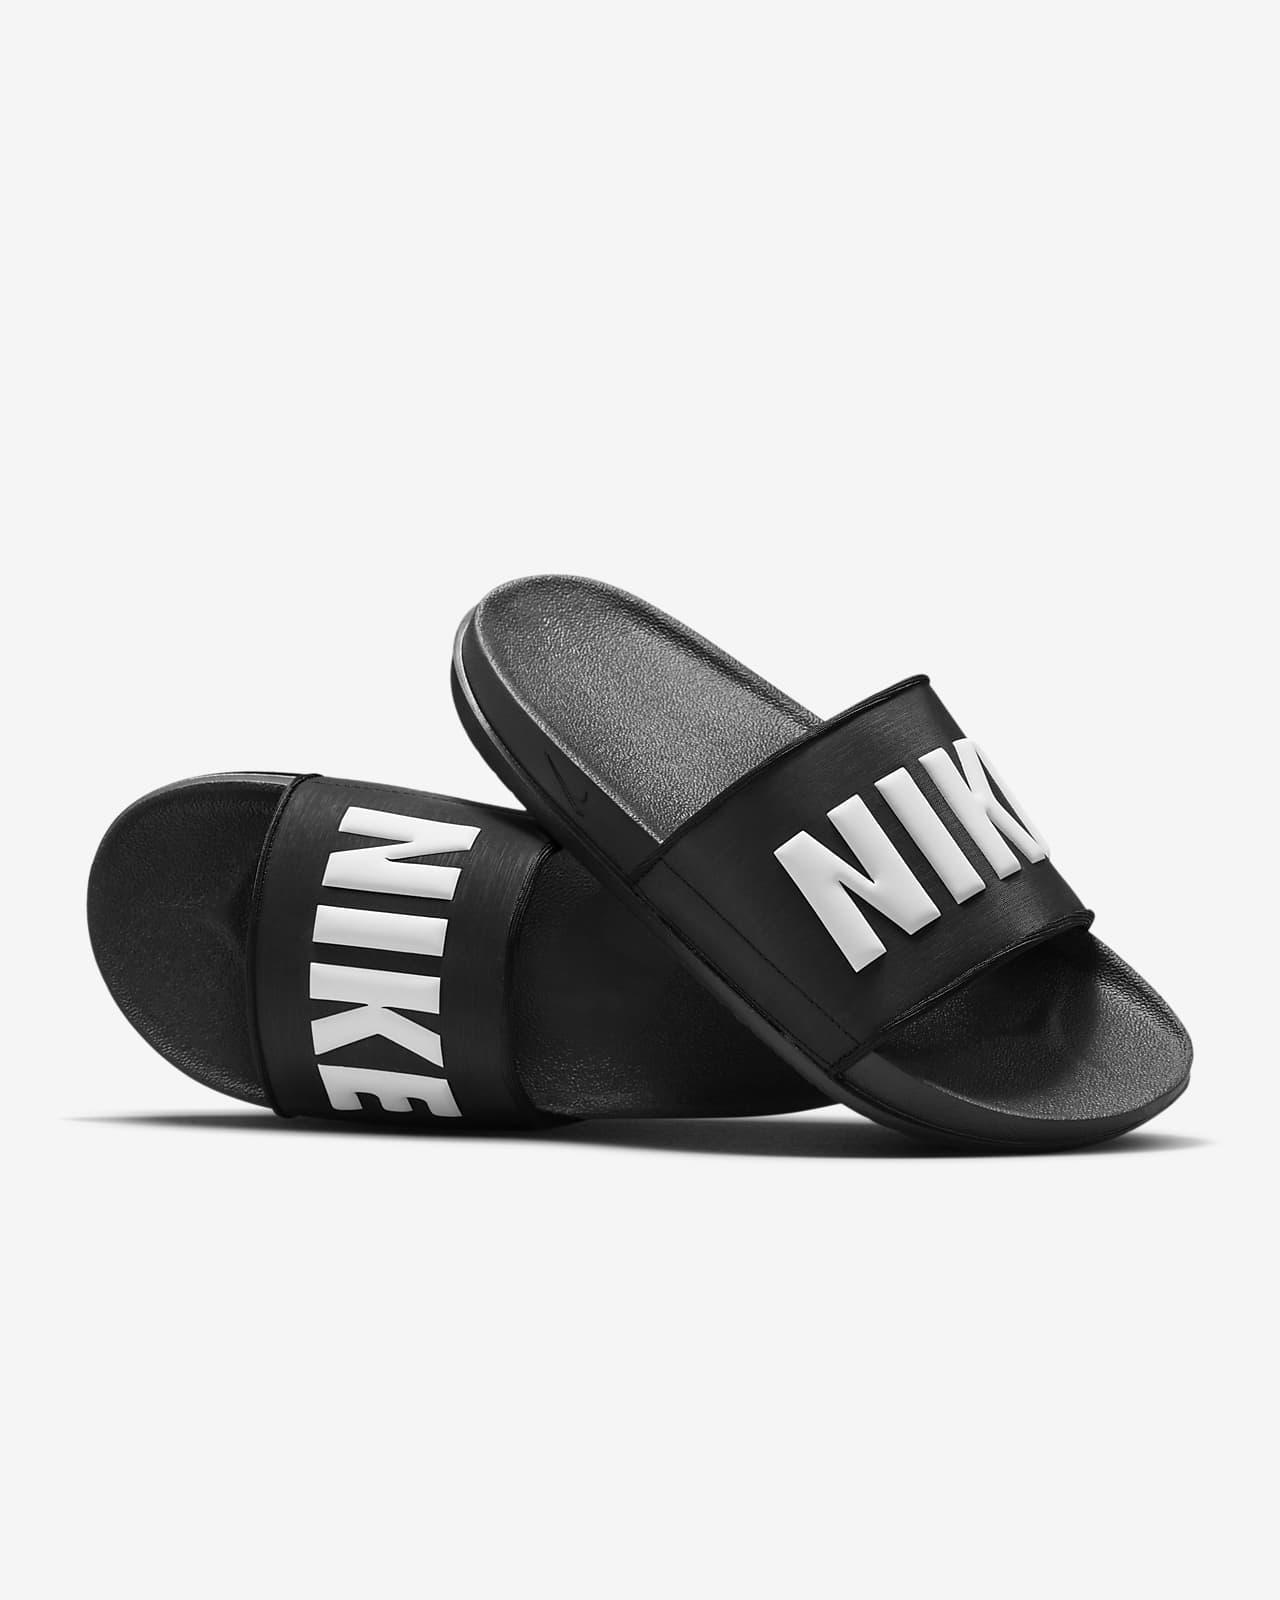 Nike Offcourt Men's Slides